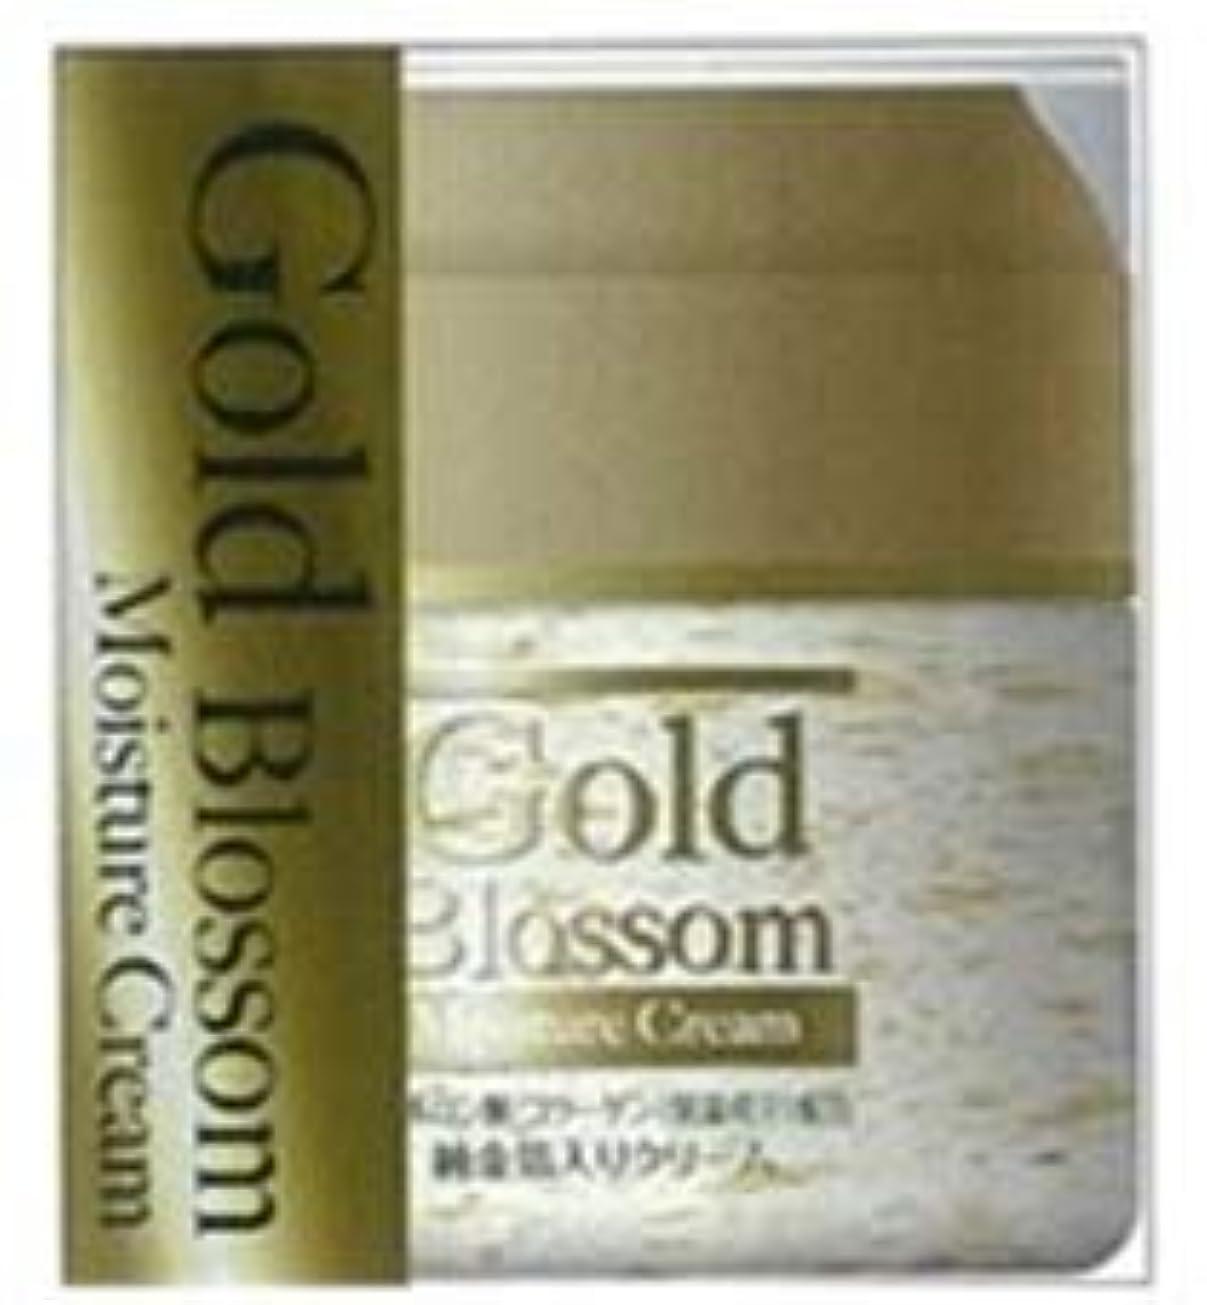 雇用者事業内容太平洋諸島Gold Blossom 保湿クリーム